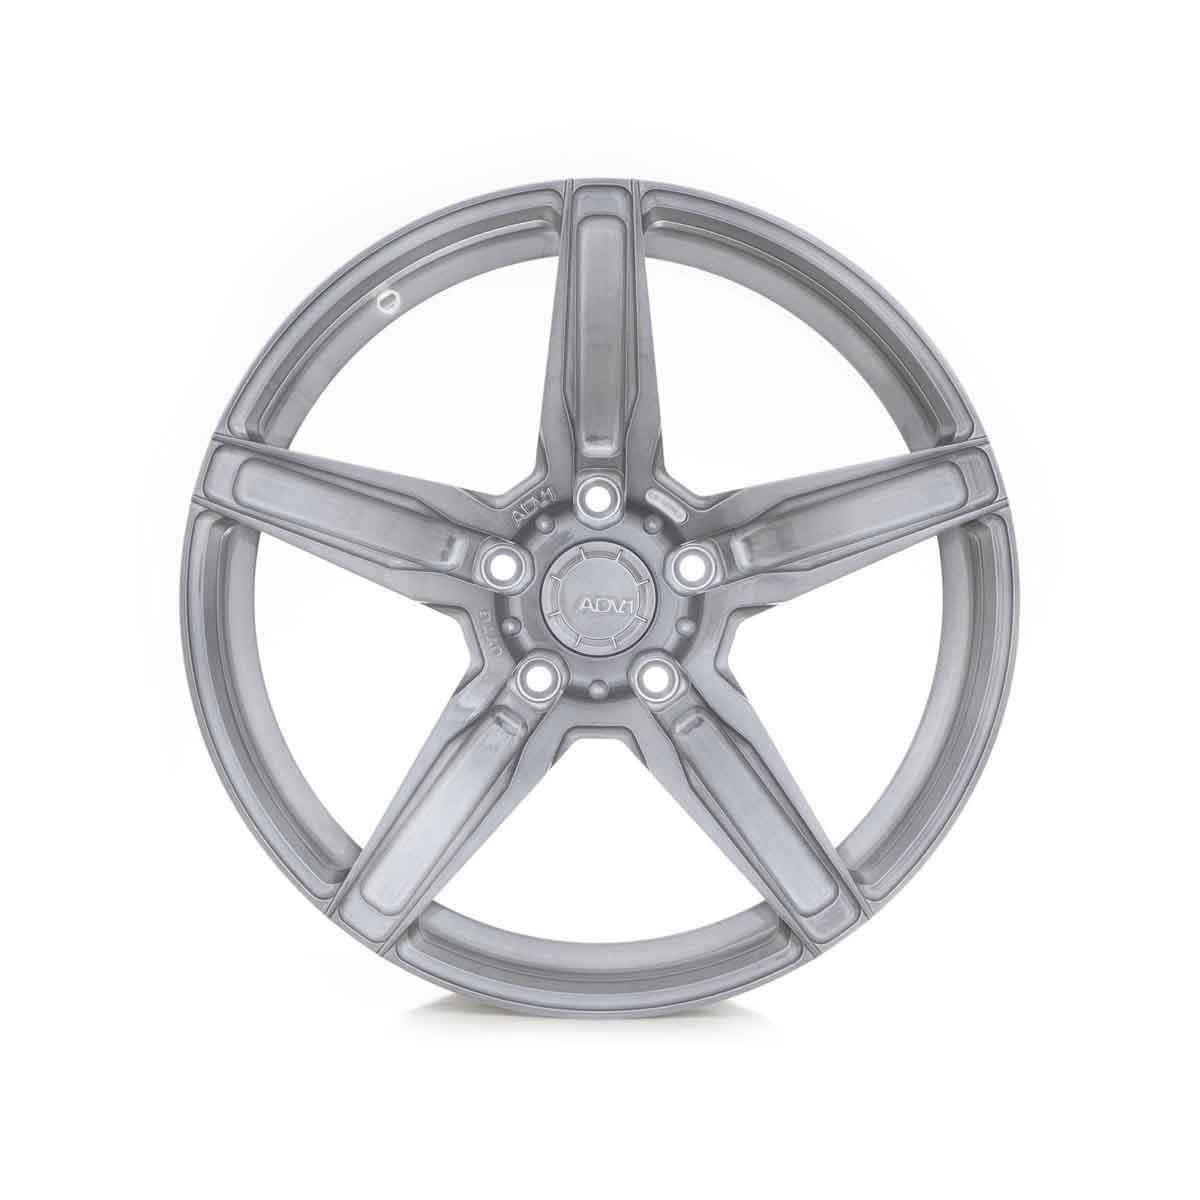 ADV.1 ADV5 M.V1 (CS Series) forged wheels